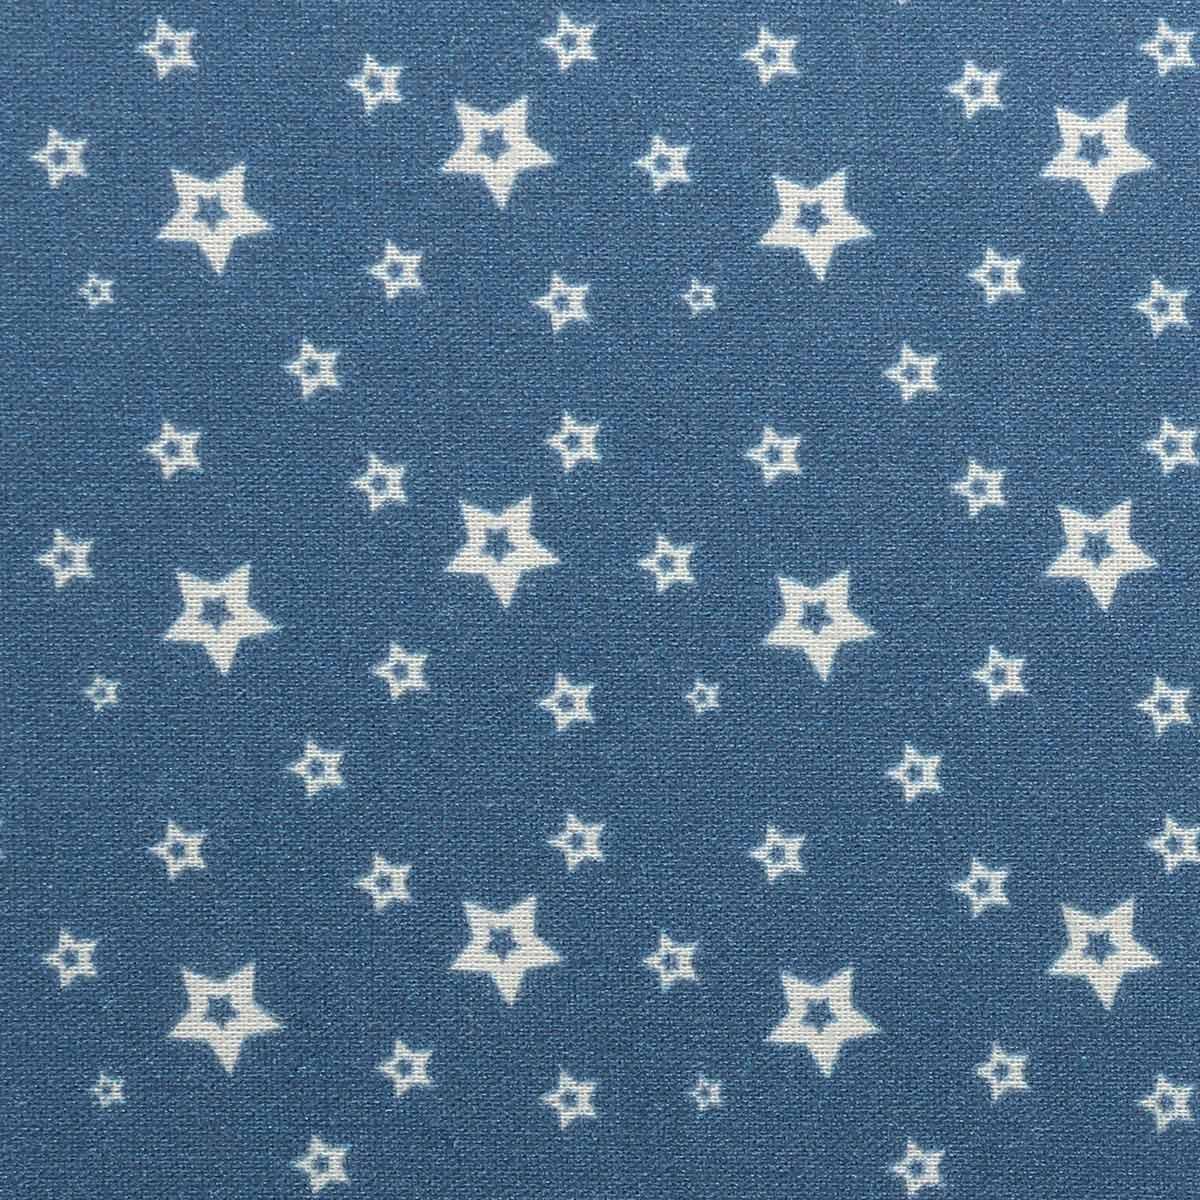 АМ575002 Ткань 'Звезды' №2, 100% хлопок, 120 г/м2, размер 48*50см